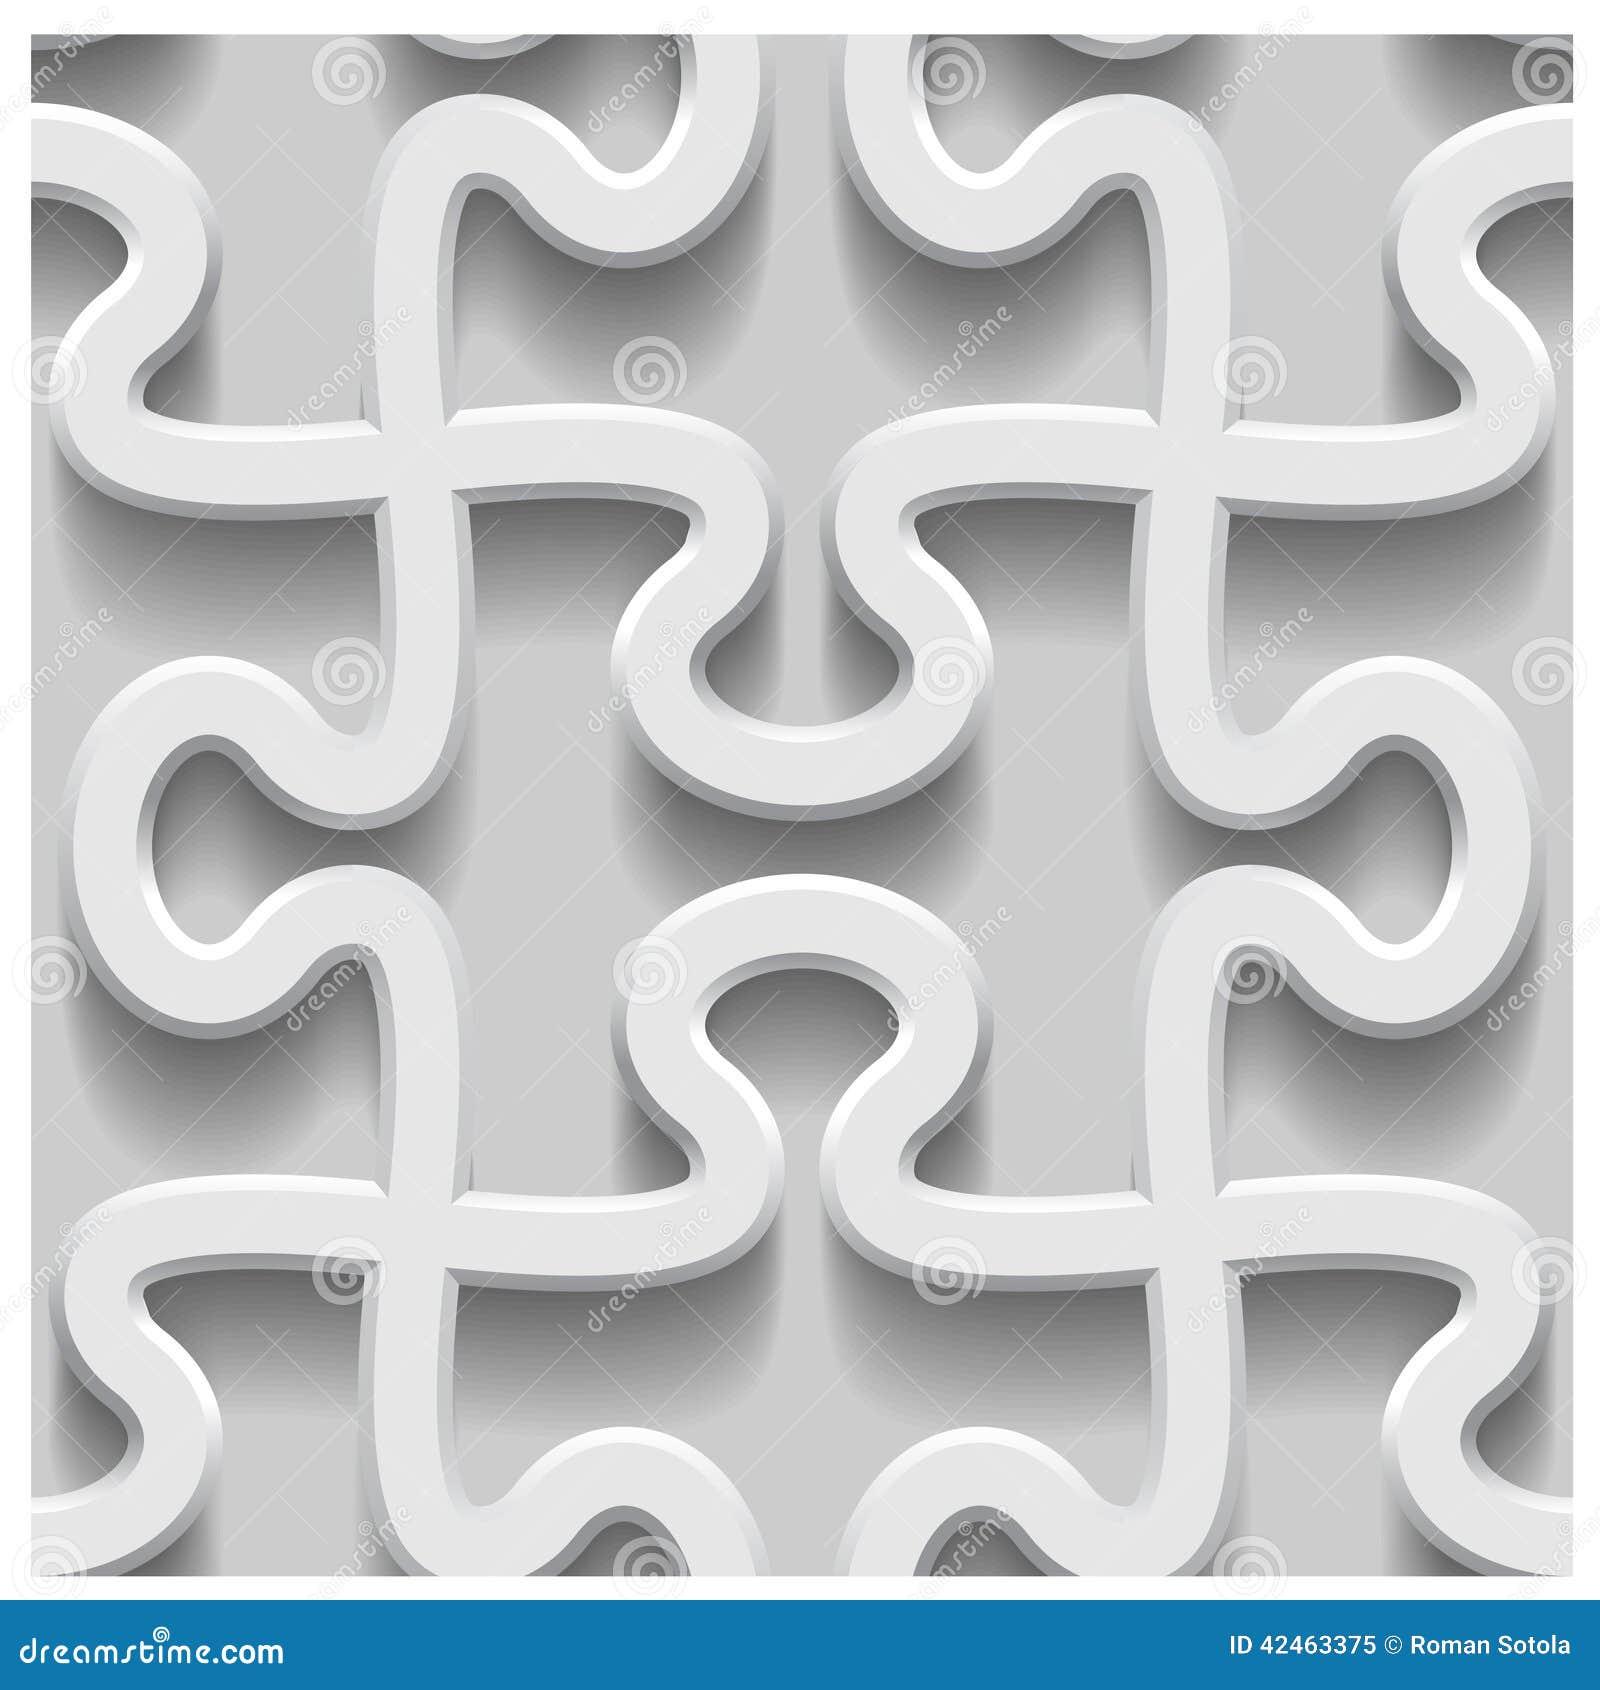 Nahtloses Papiermuster des Puzzlespiels 3d